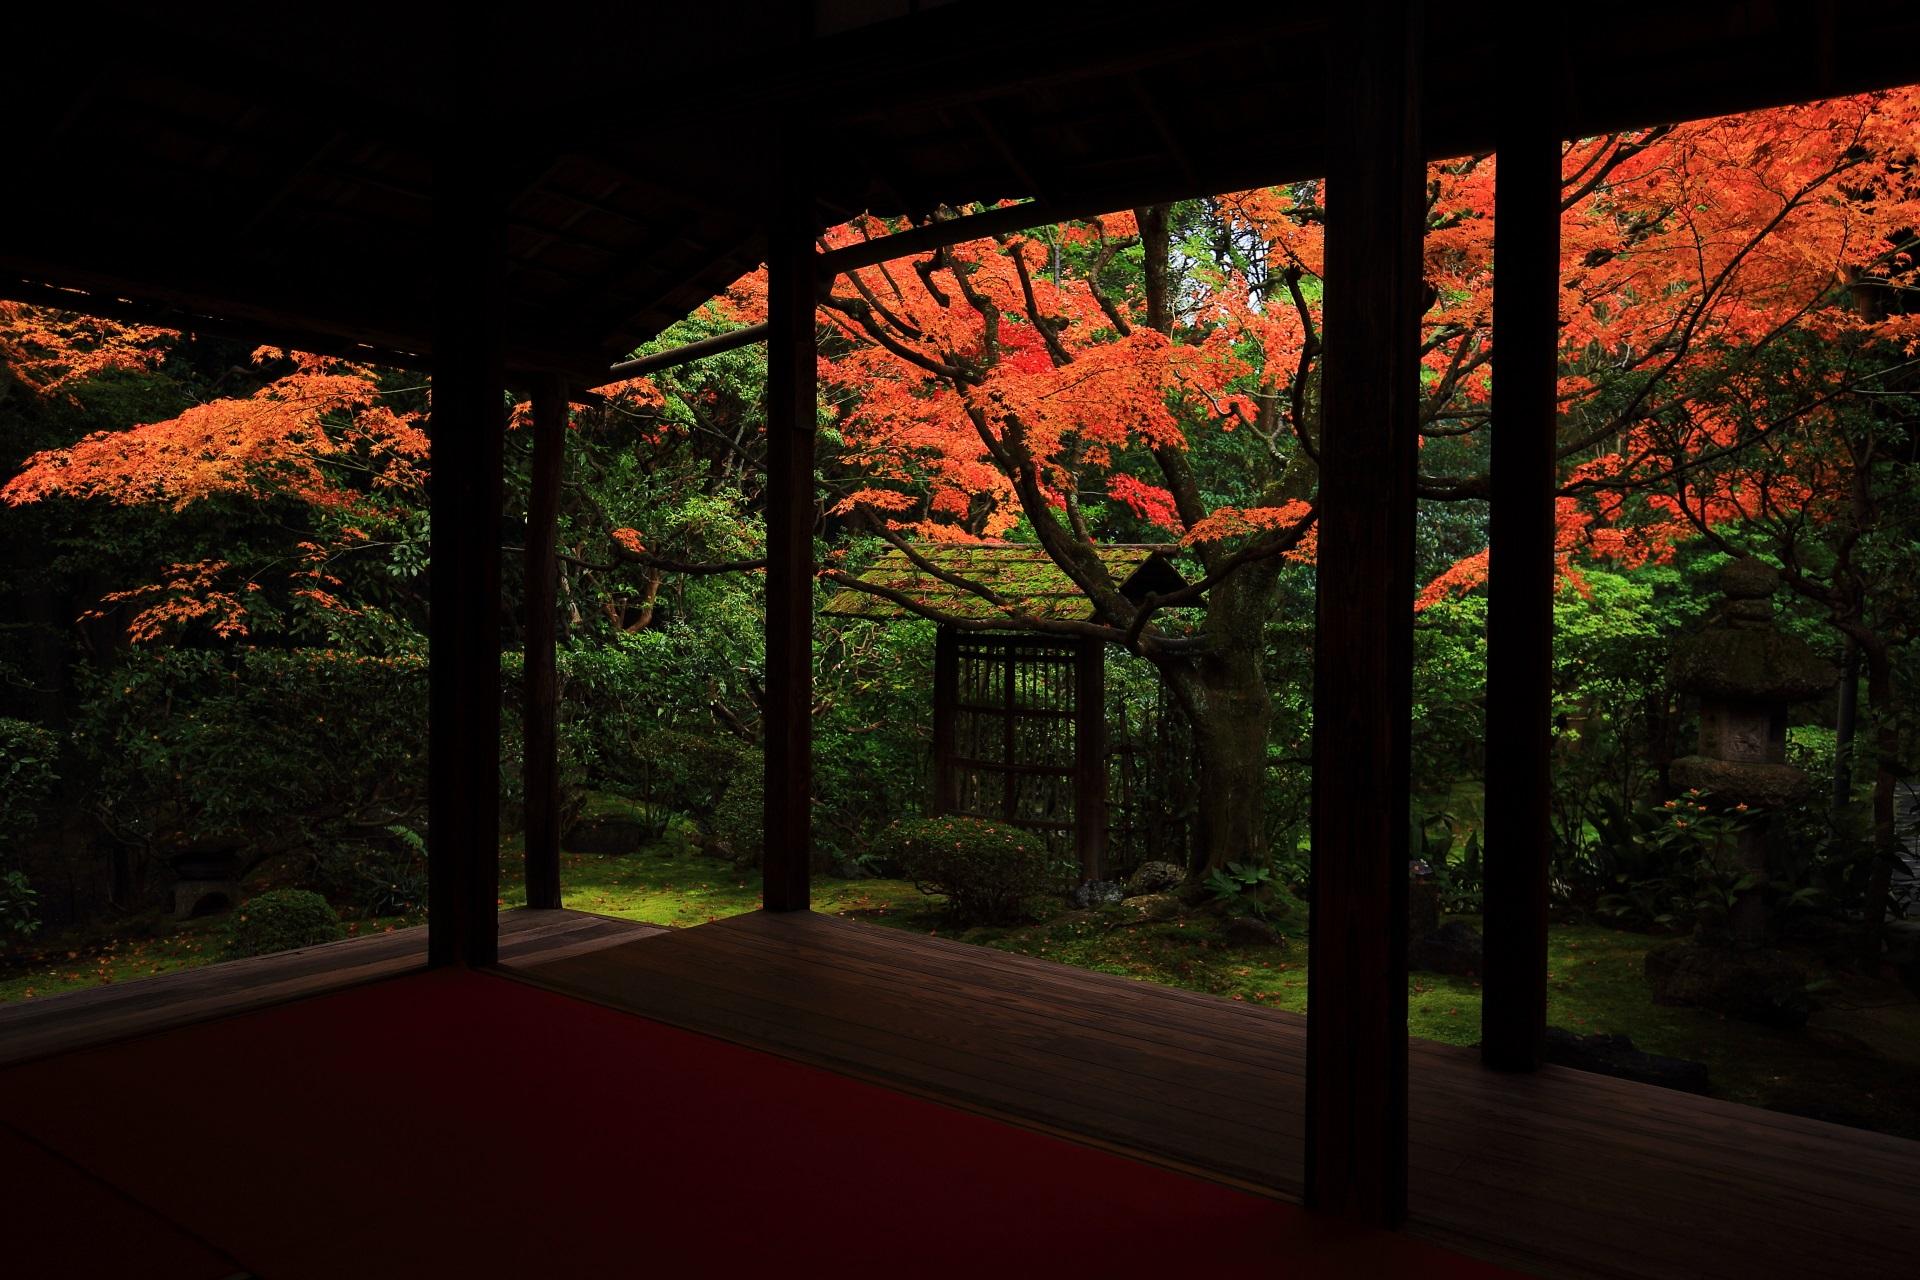 風情ある深い緑の庭園で光るような鮮やかな紅葉